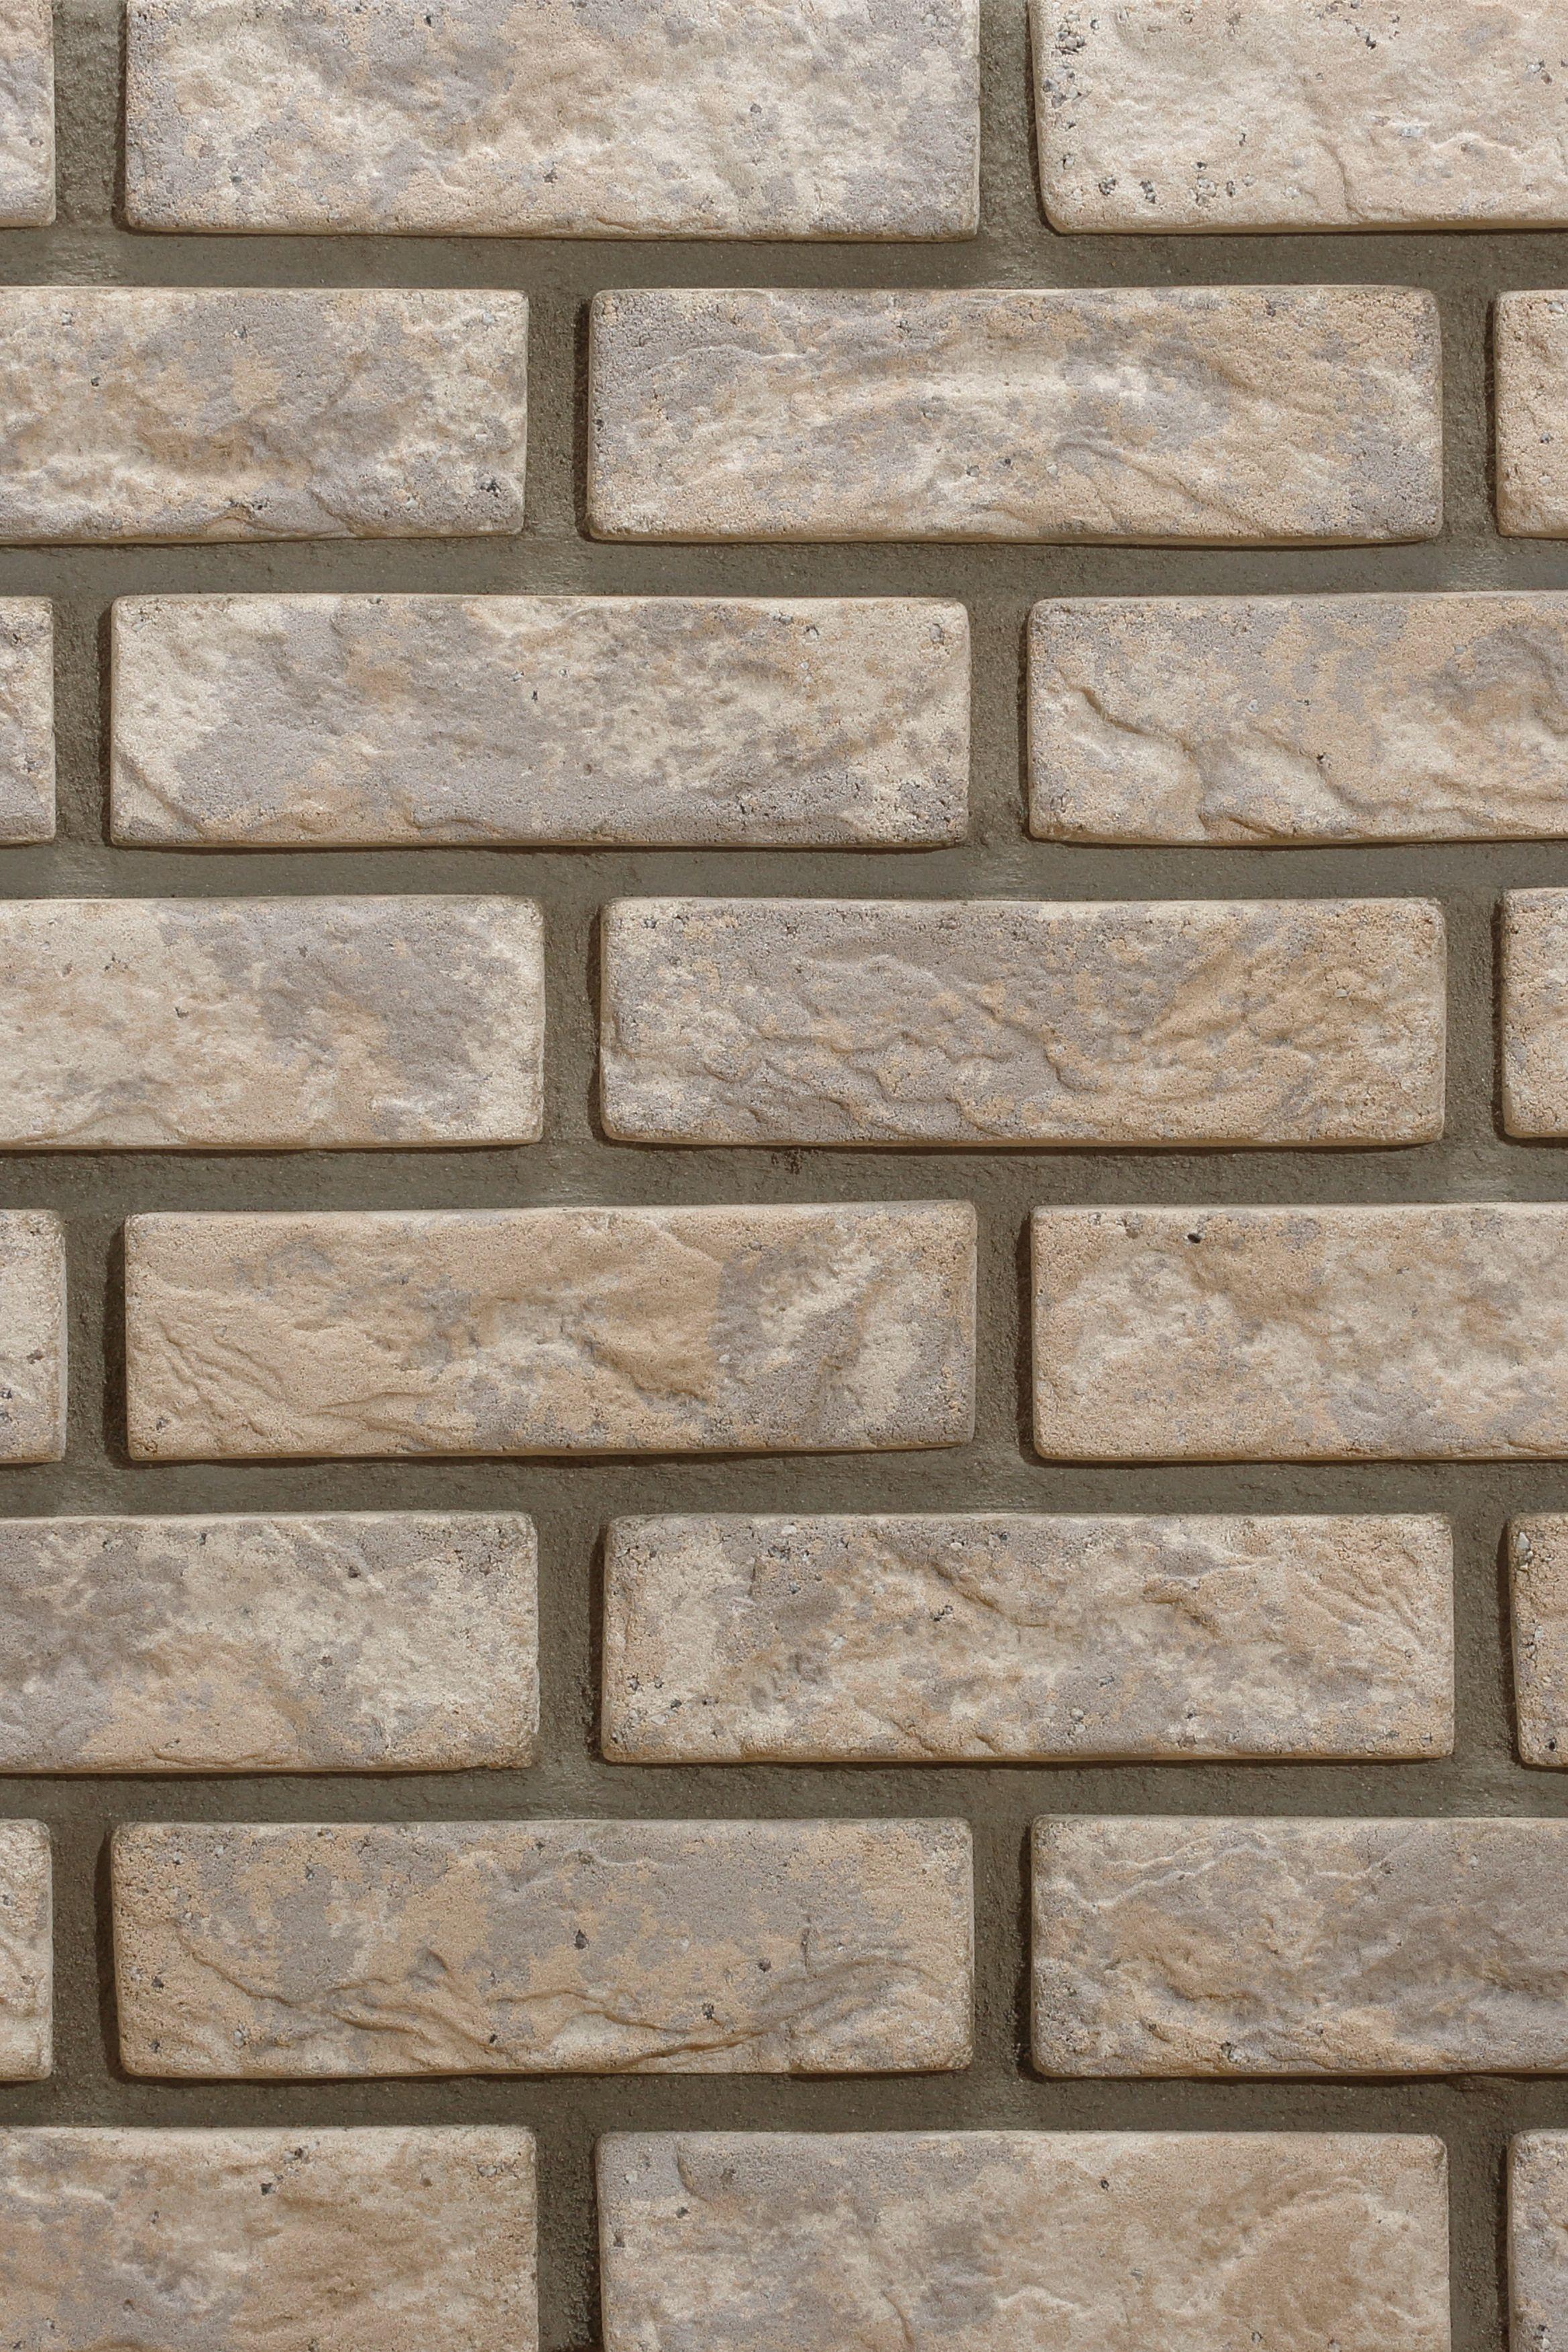 Cambridge Brick Tiles Exterior Wall Design Exterior Tiles